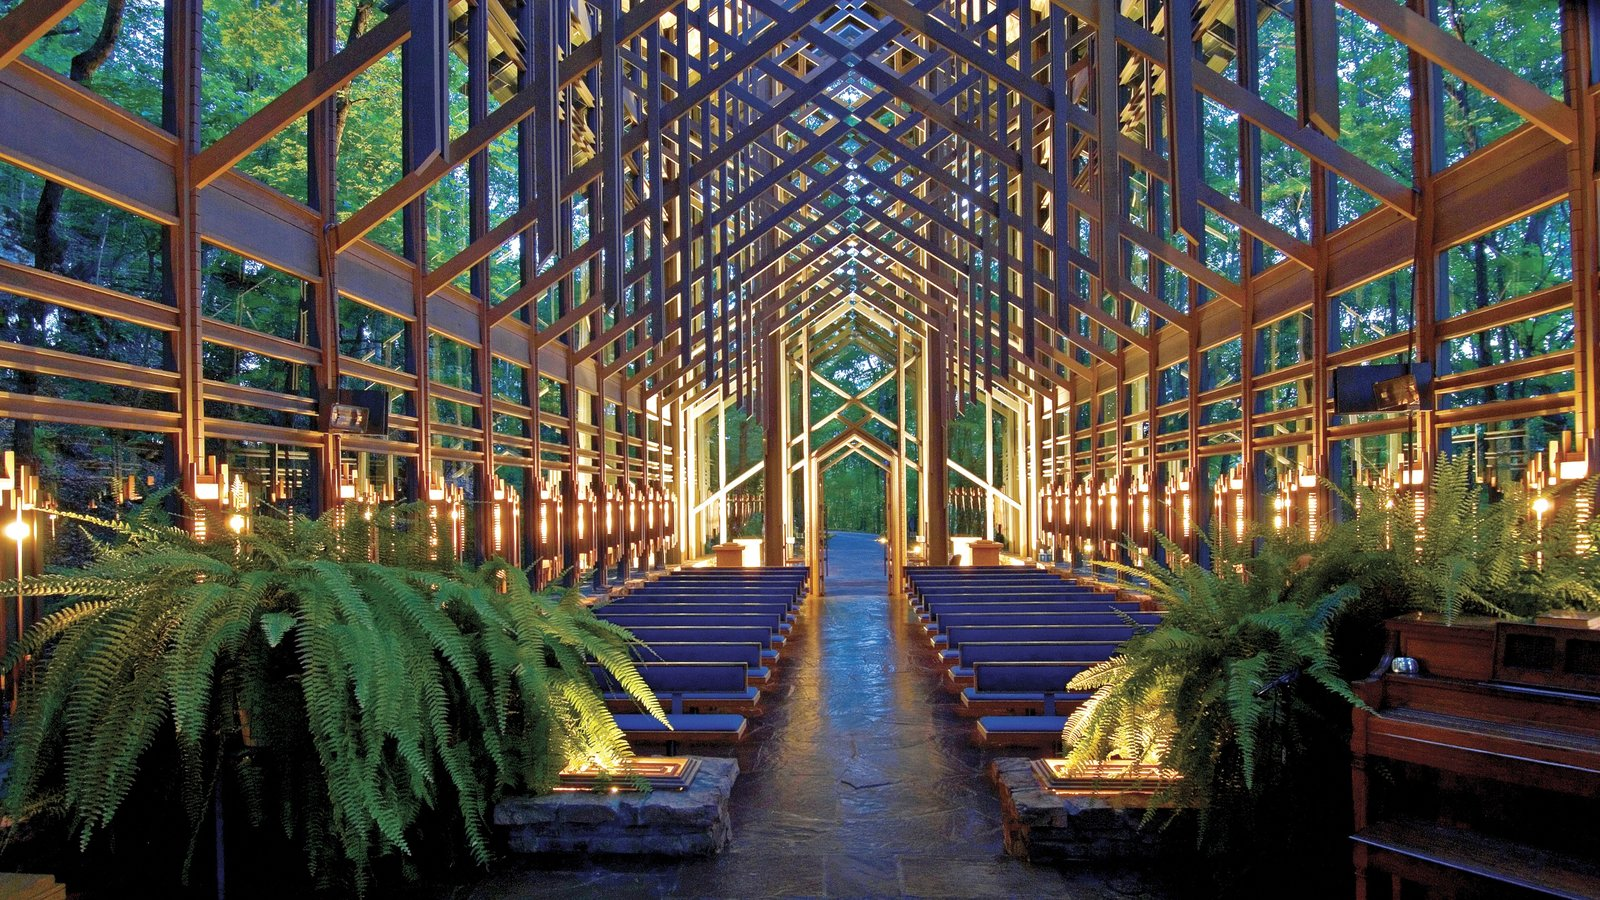 Eureka Springs que inclui vistas internas, arquitetura moderna e uma igreja ou catedral